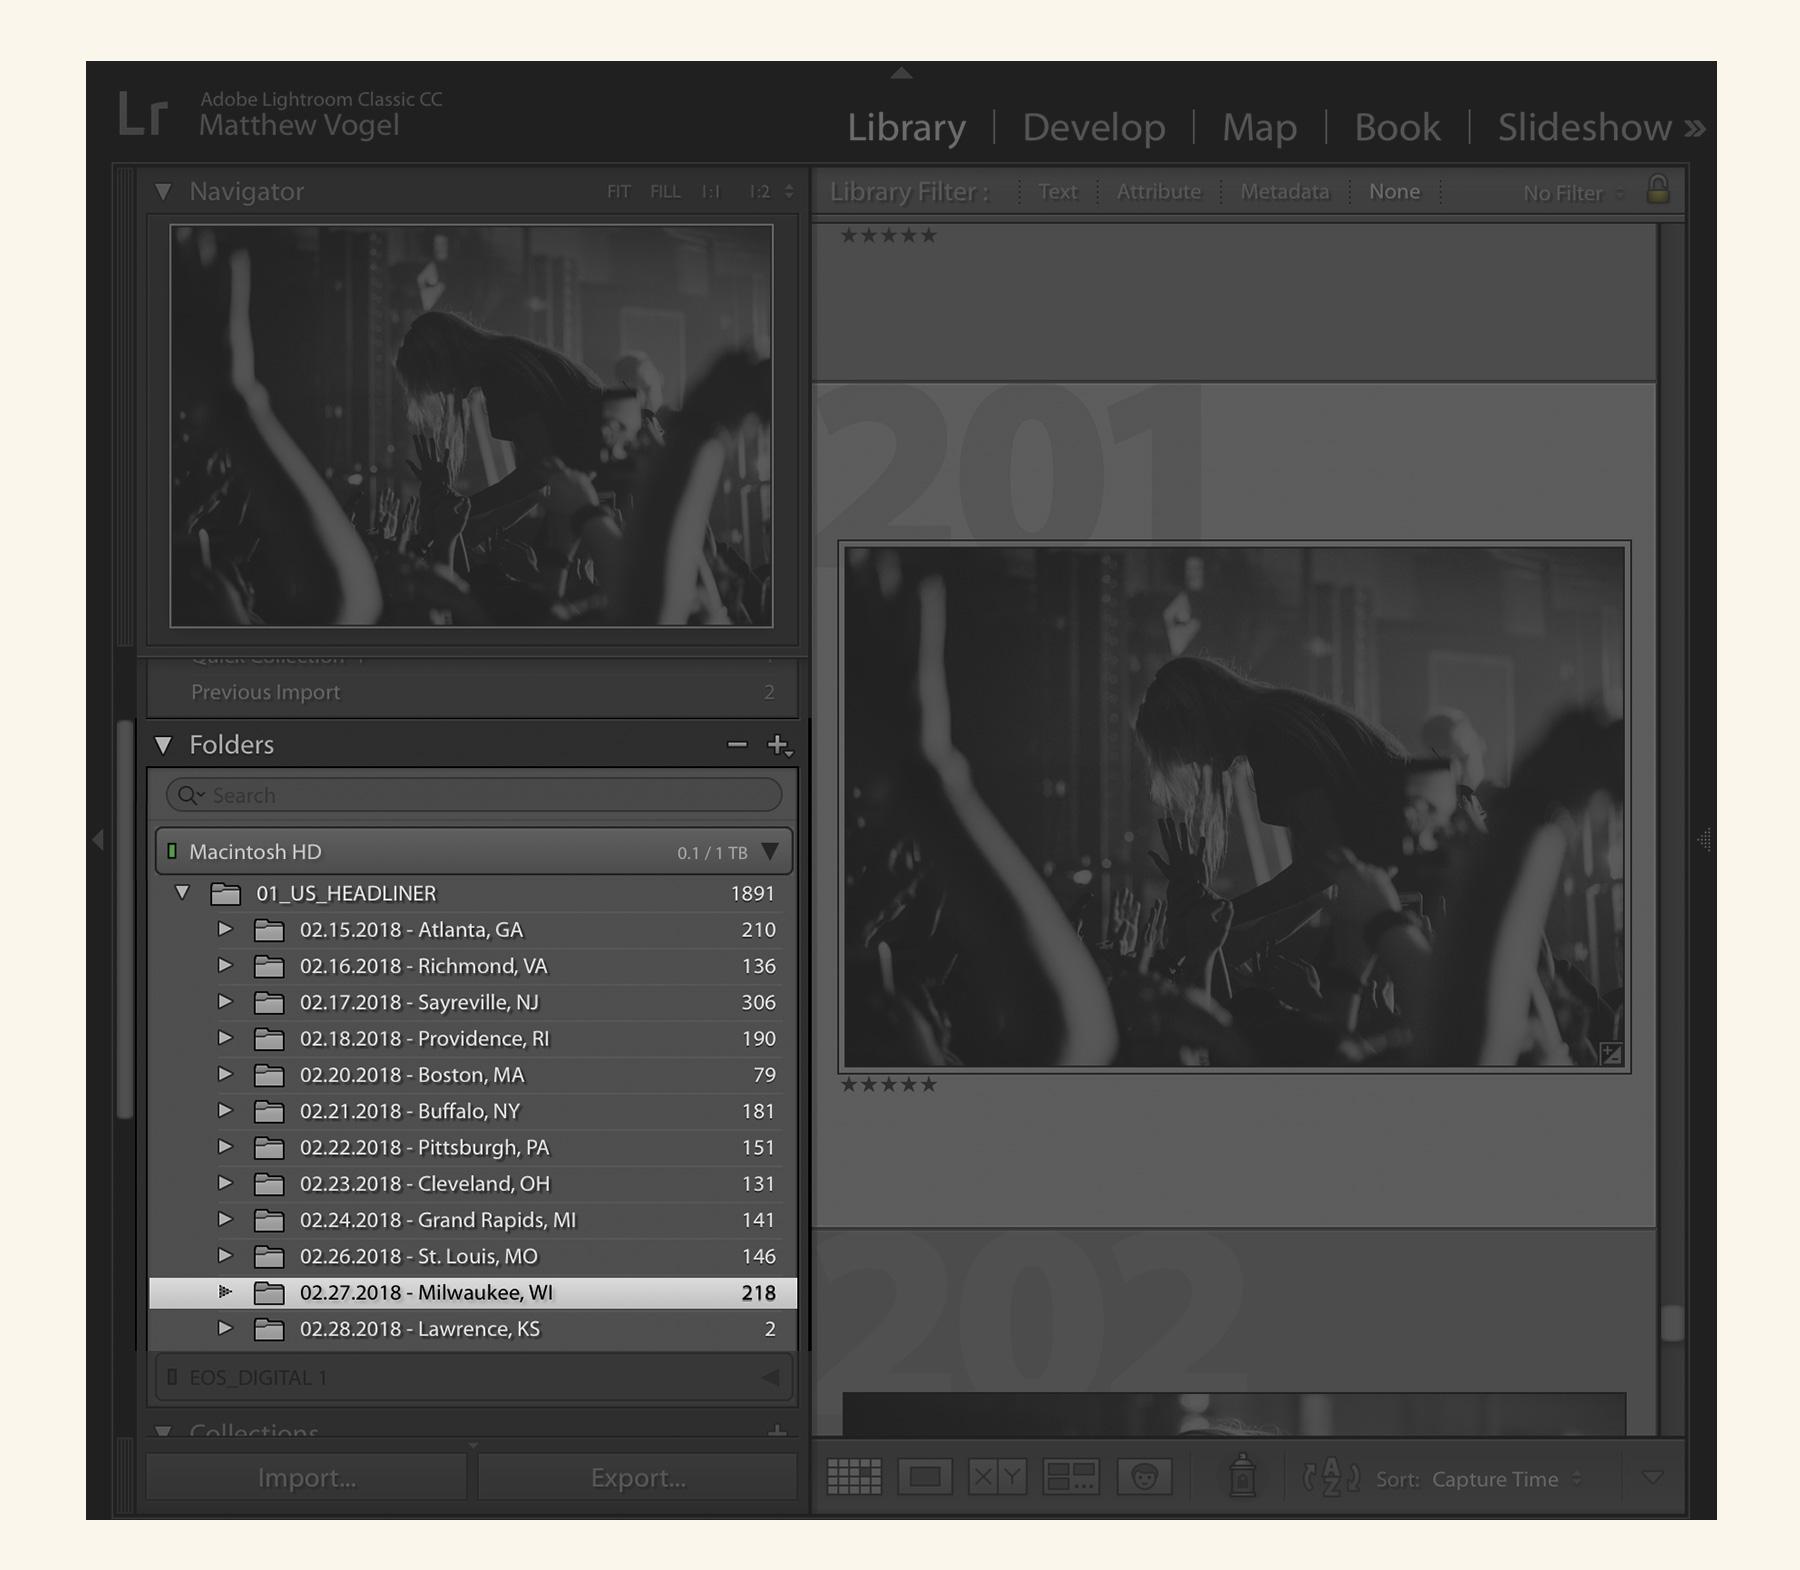 Lightroom — Folders